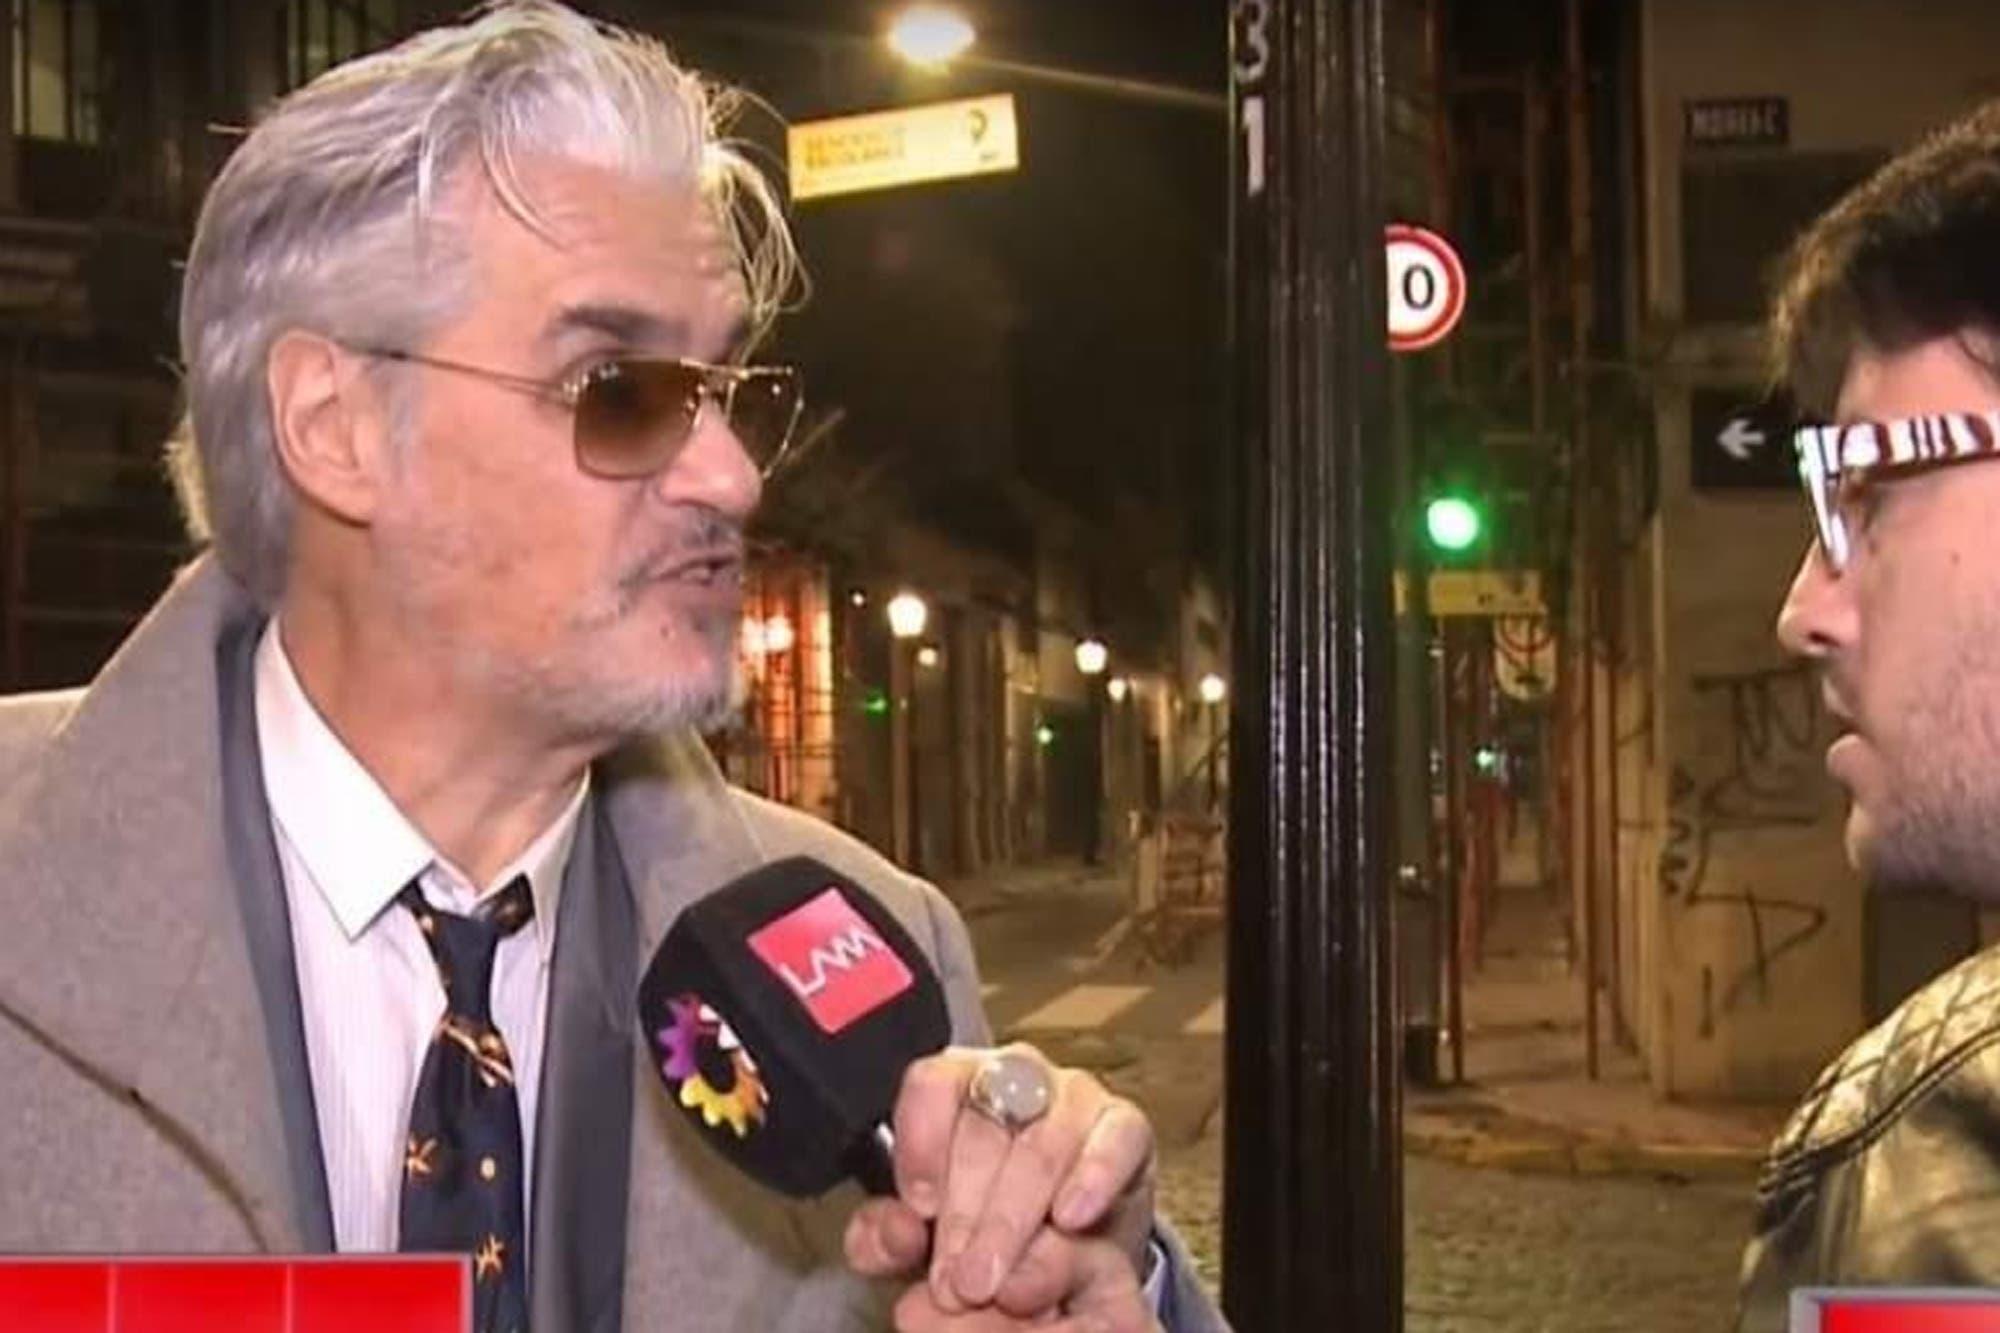 El enojo de Roberto Pettinato, al ser consultado sobre las acusaciones de acoso sexual en su contra